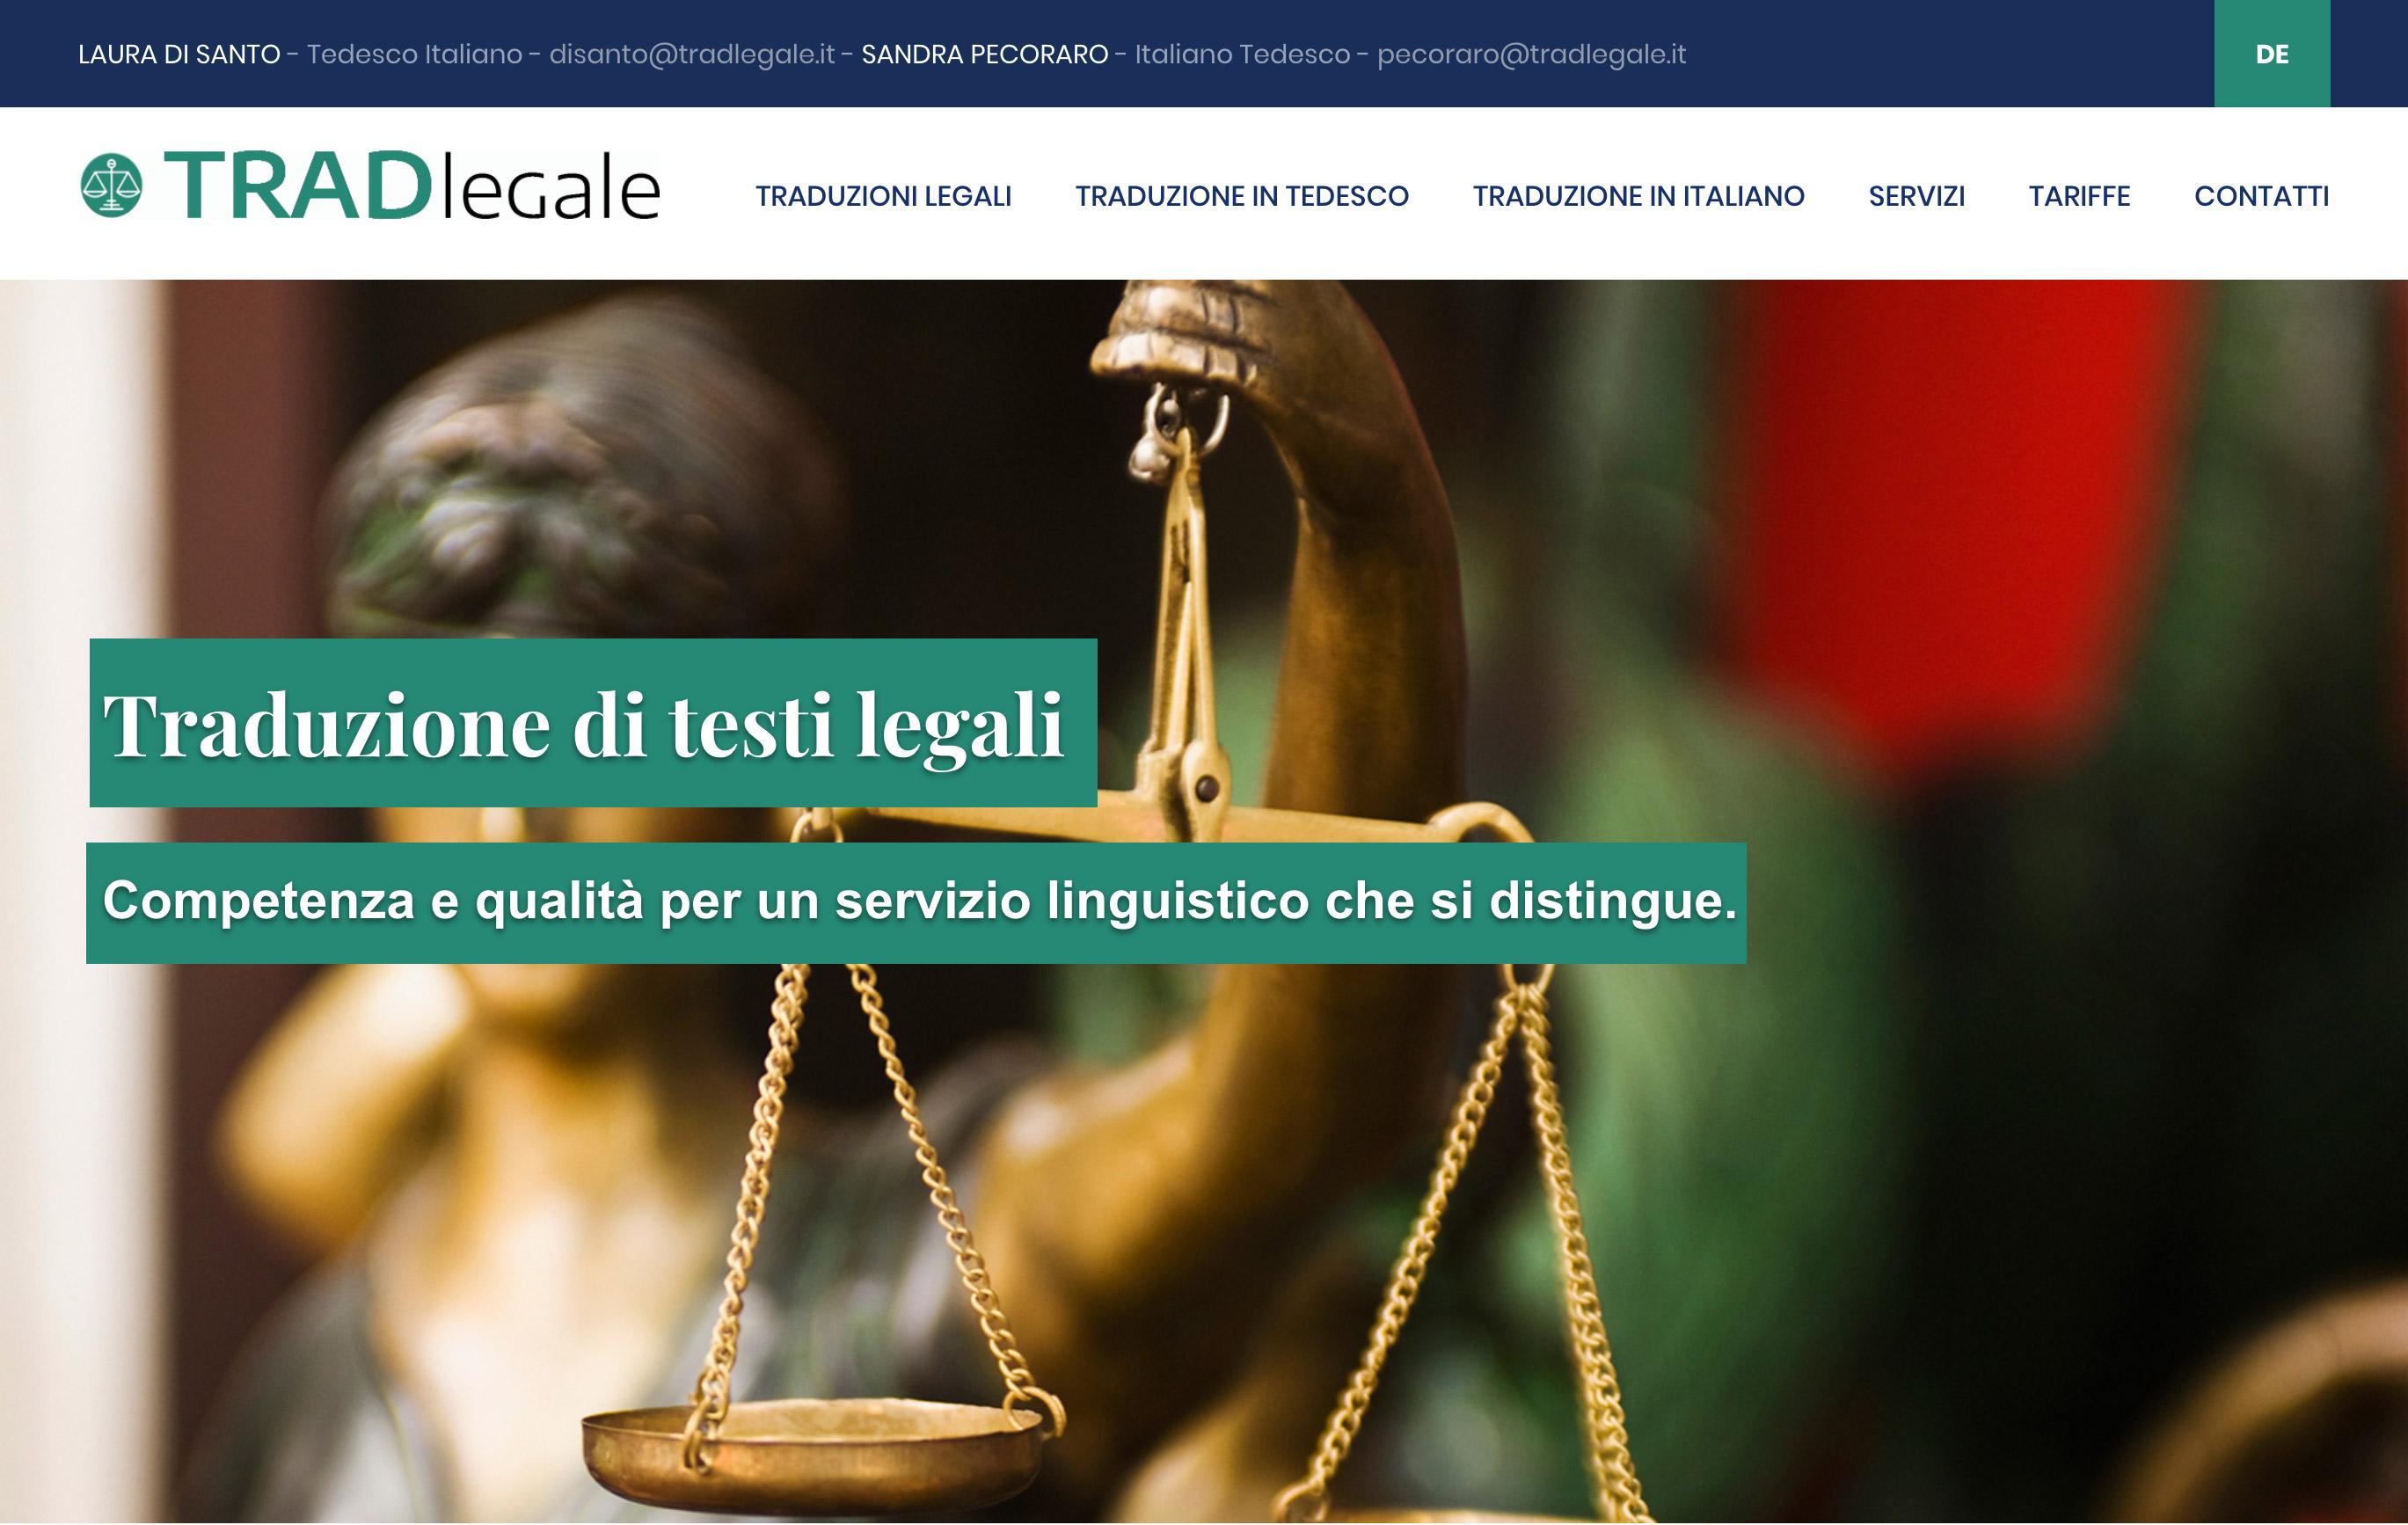 sito web tradlegale